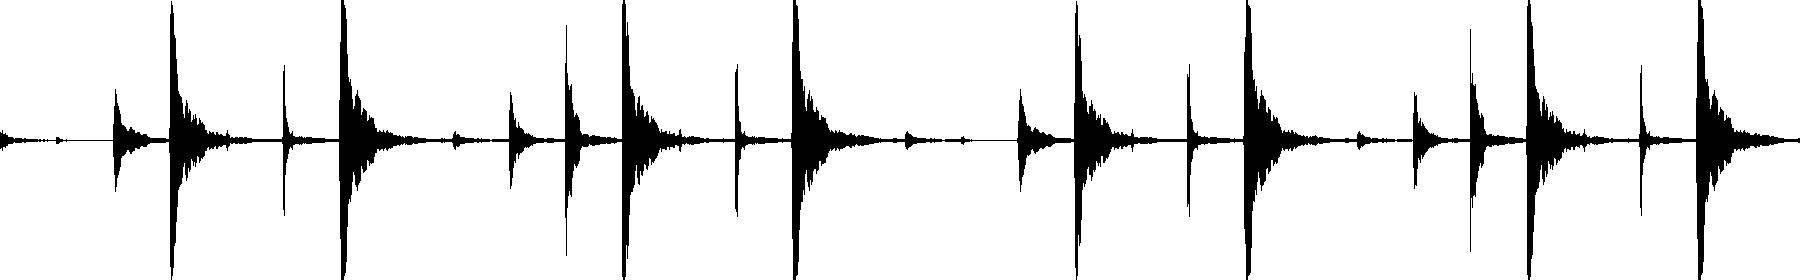 ehp percloop 130 19